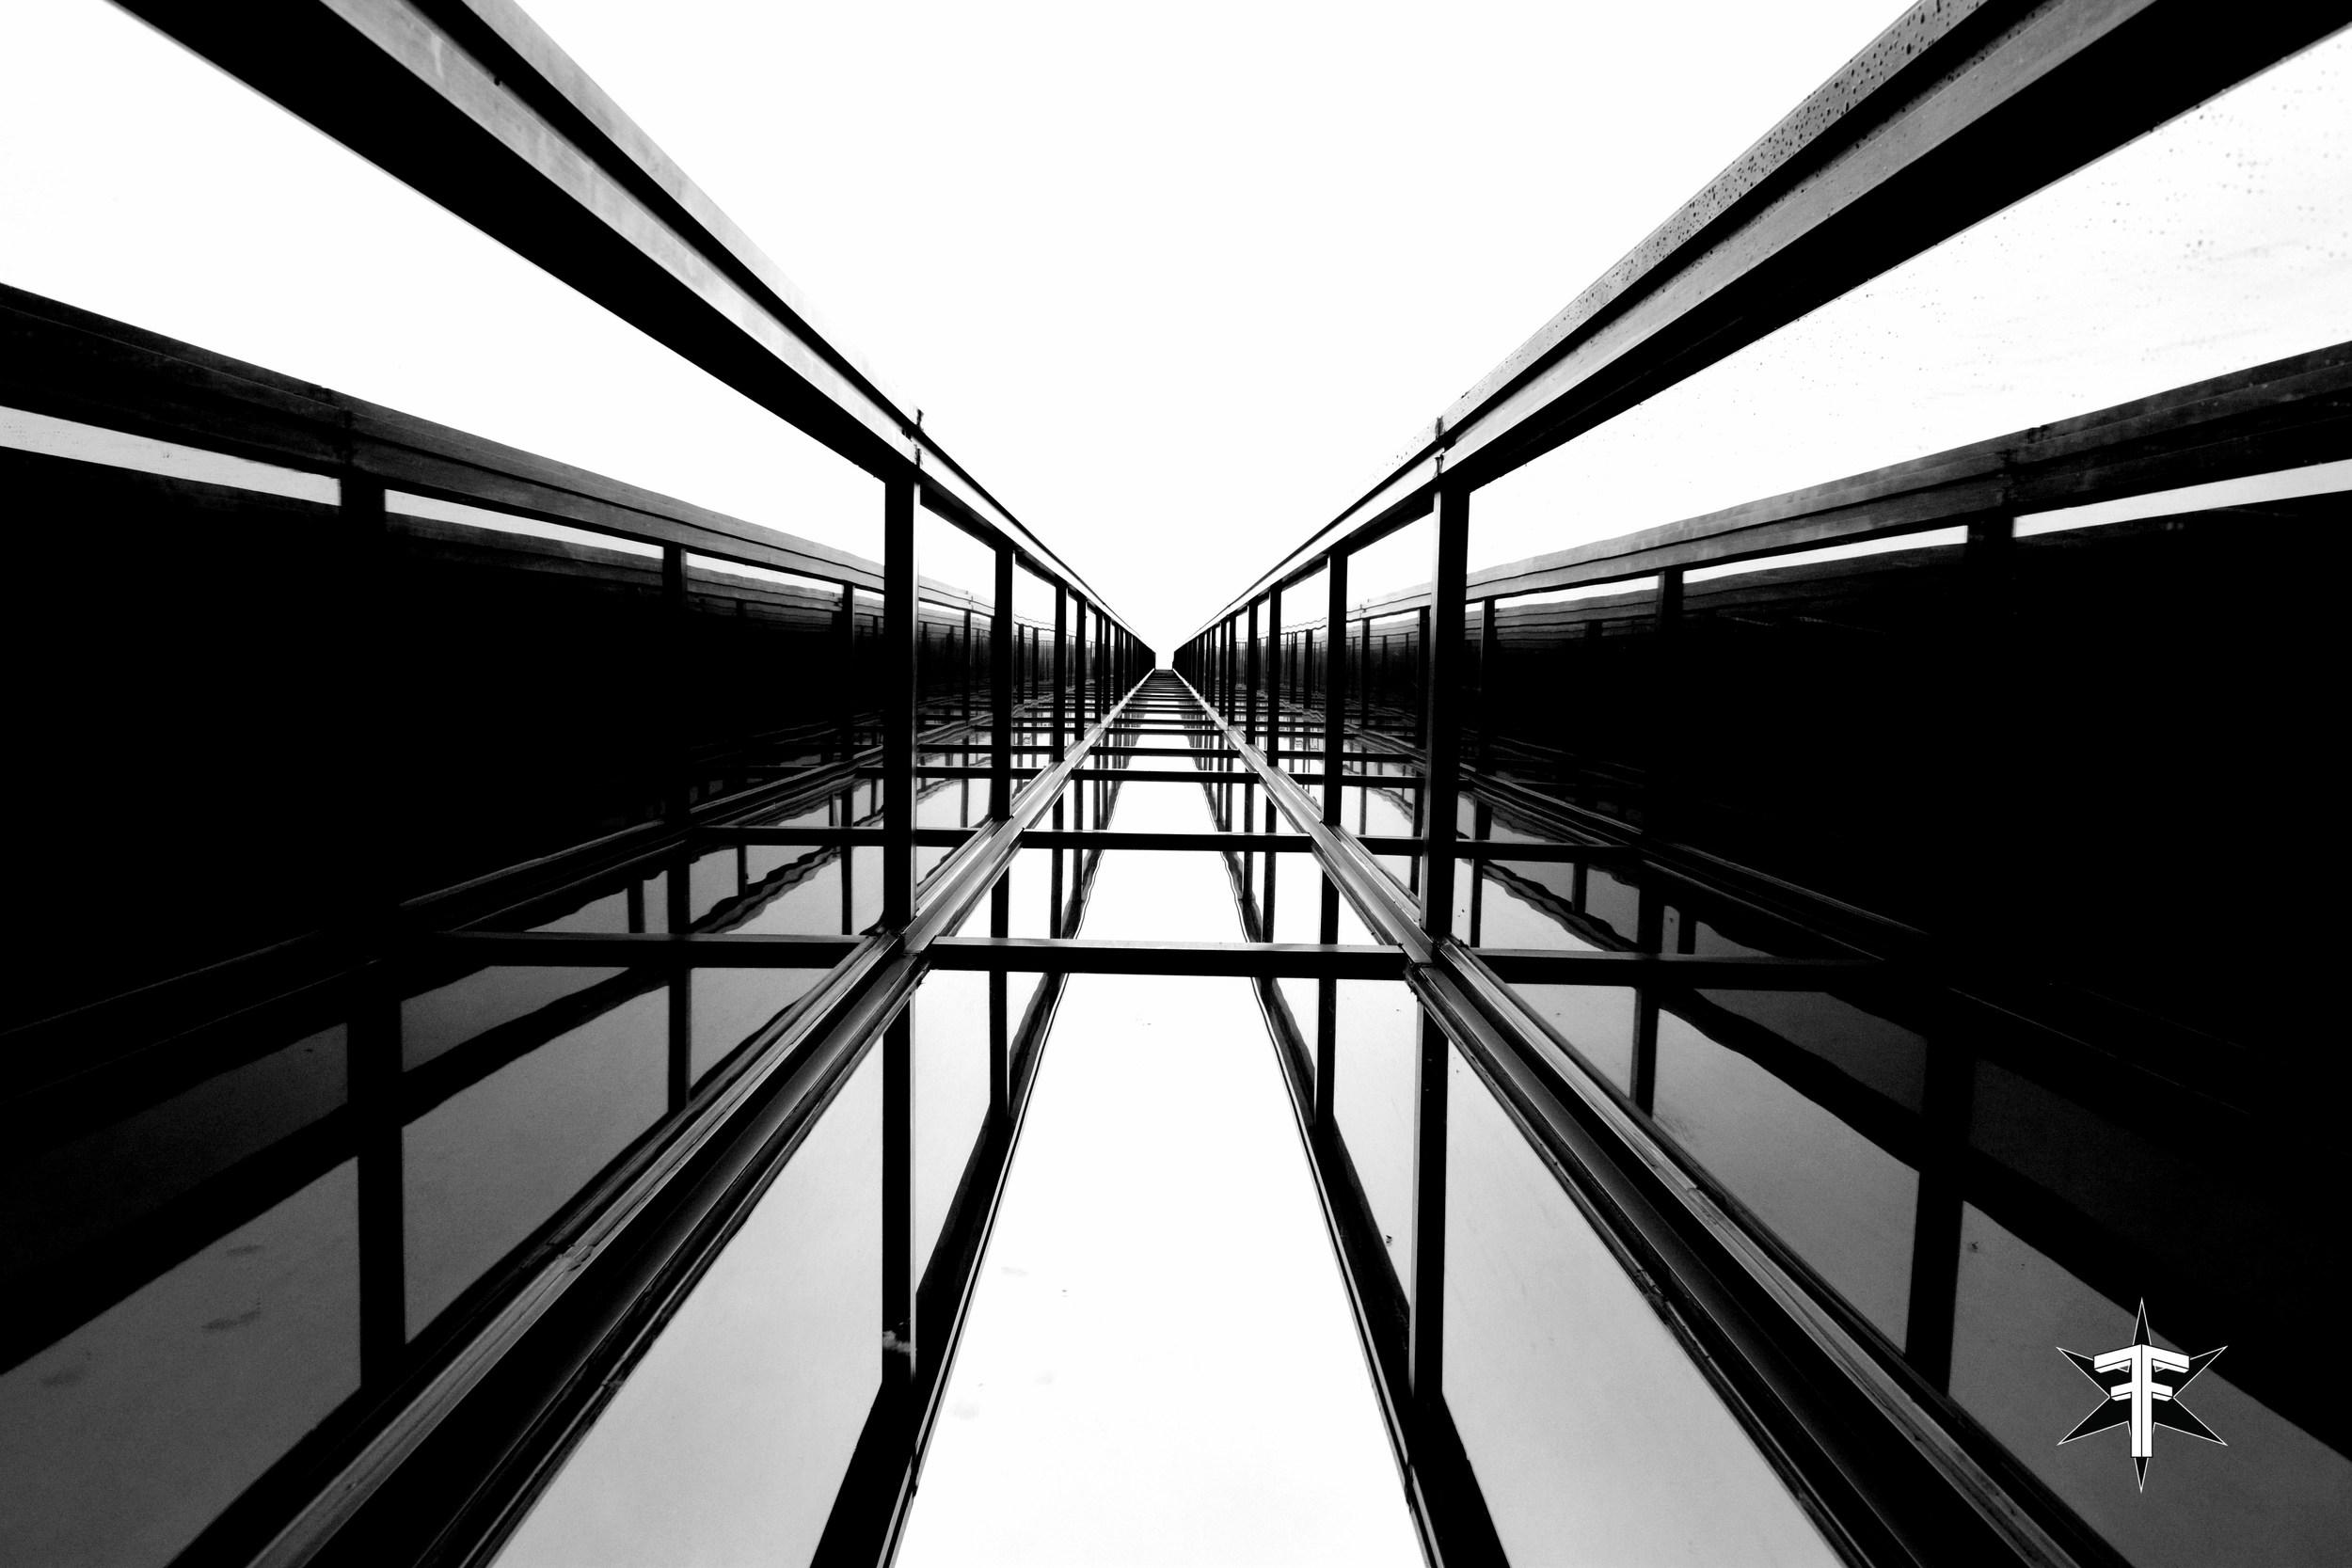 chicago architecture eric formato photography design arquitectura architettura buildings skyscraper skyscrapers-173.jpg